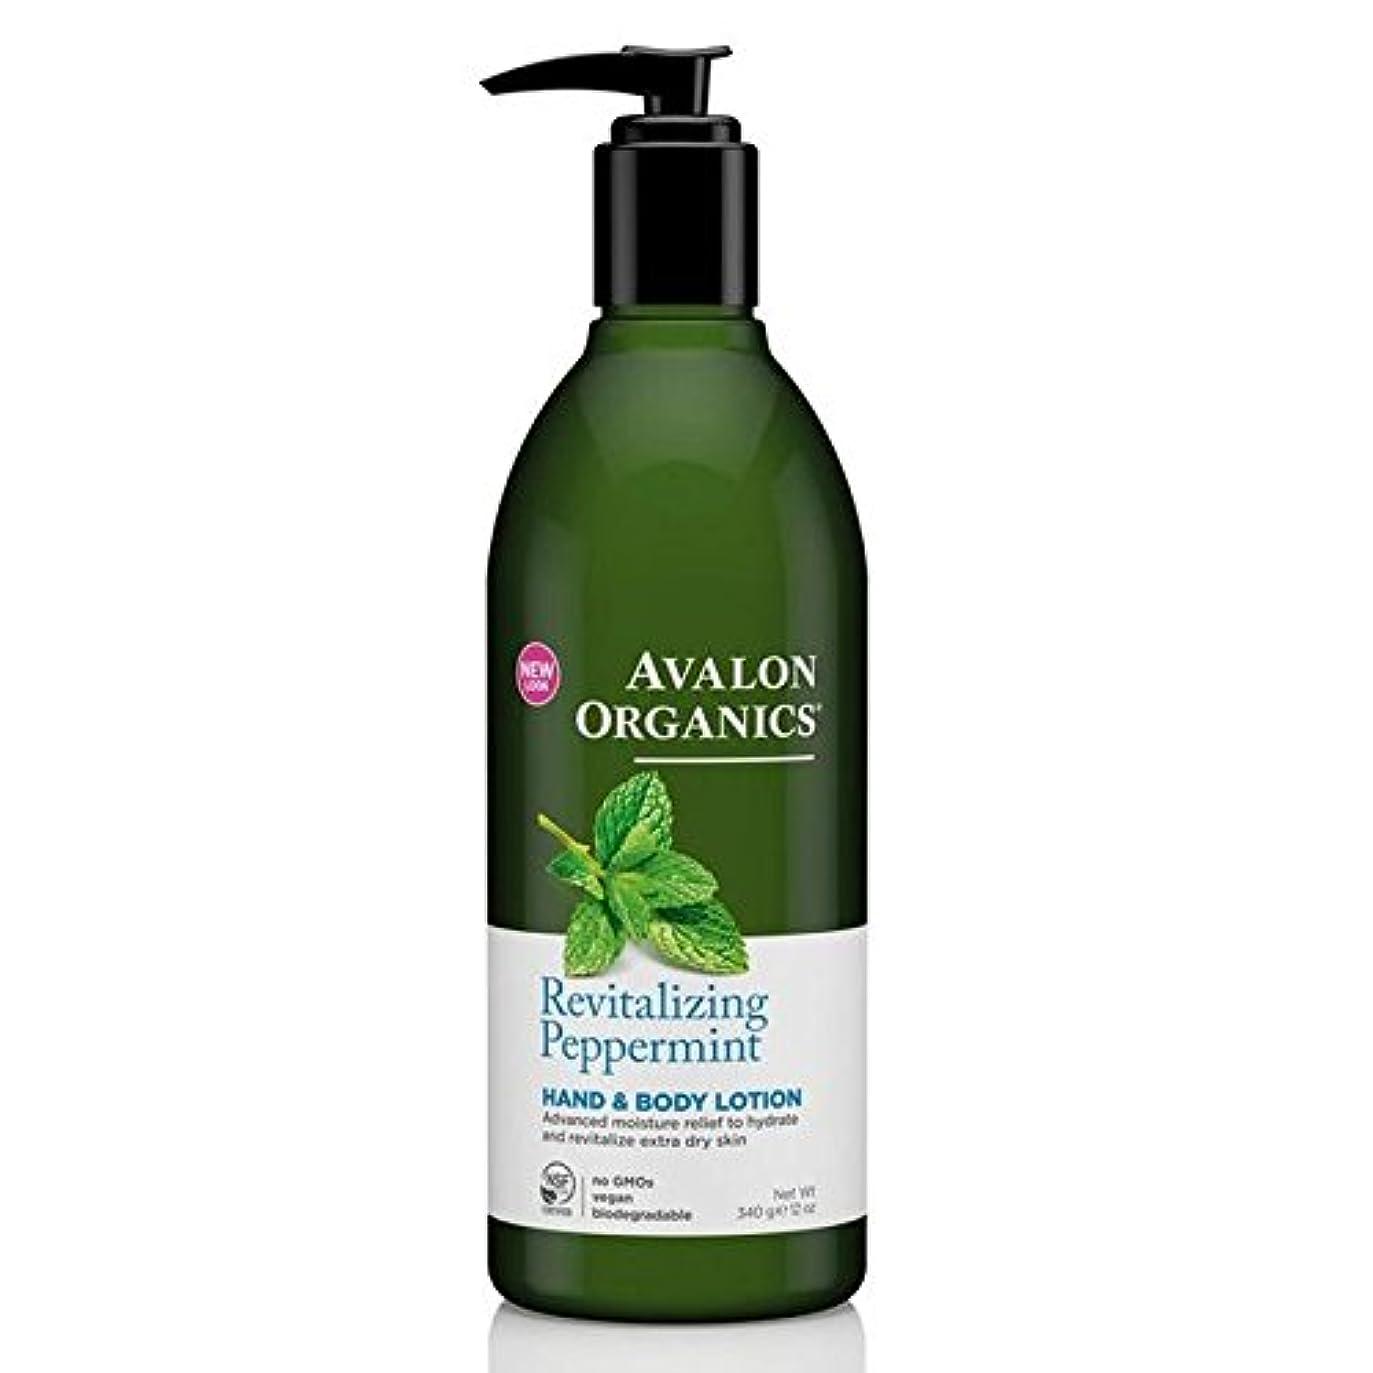 姓メータートイレAvalon Peppermint Hand & Body Lotion 340g - (Avalon) ペパーミントハンド&ボディローション340グラム [並行輸入品]